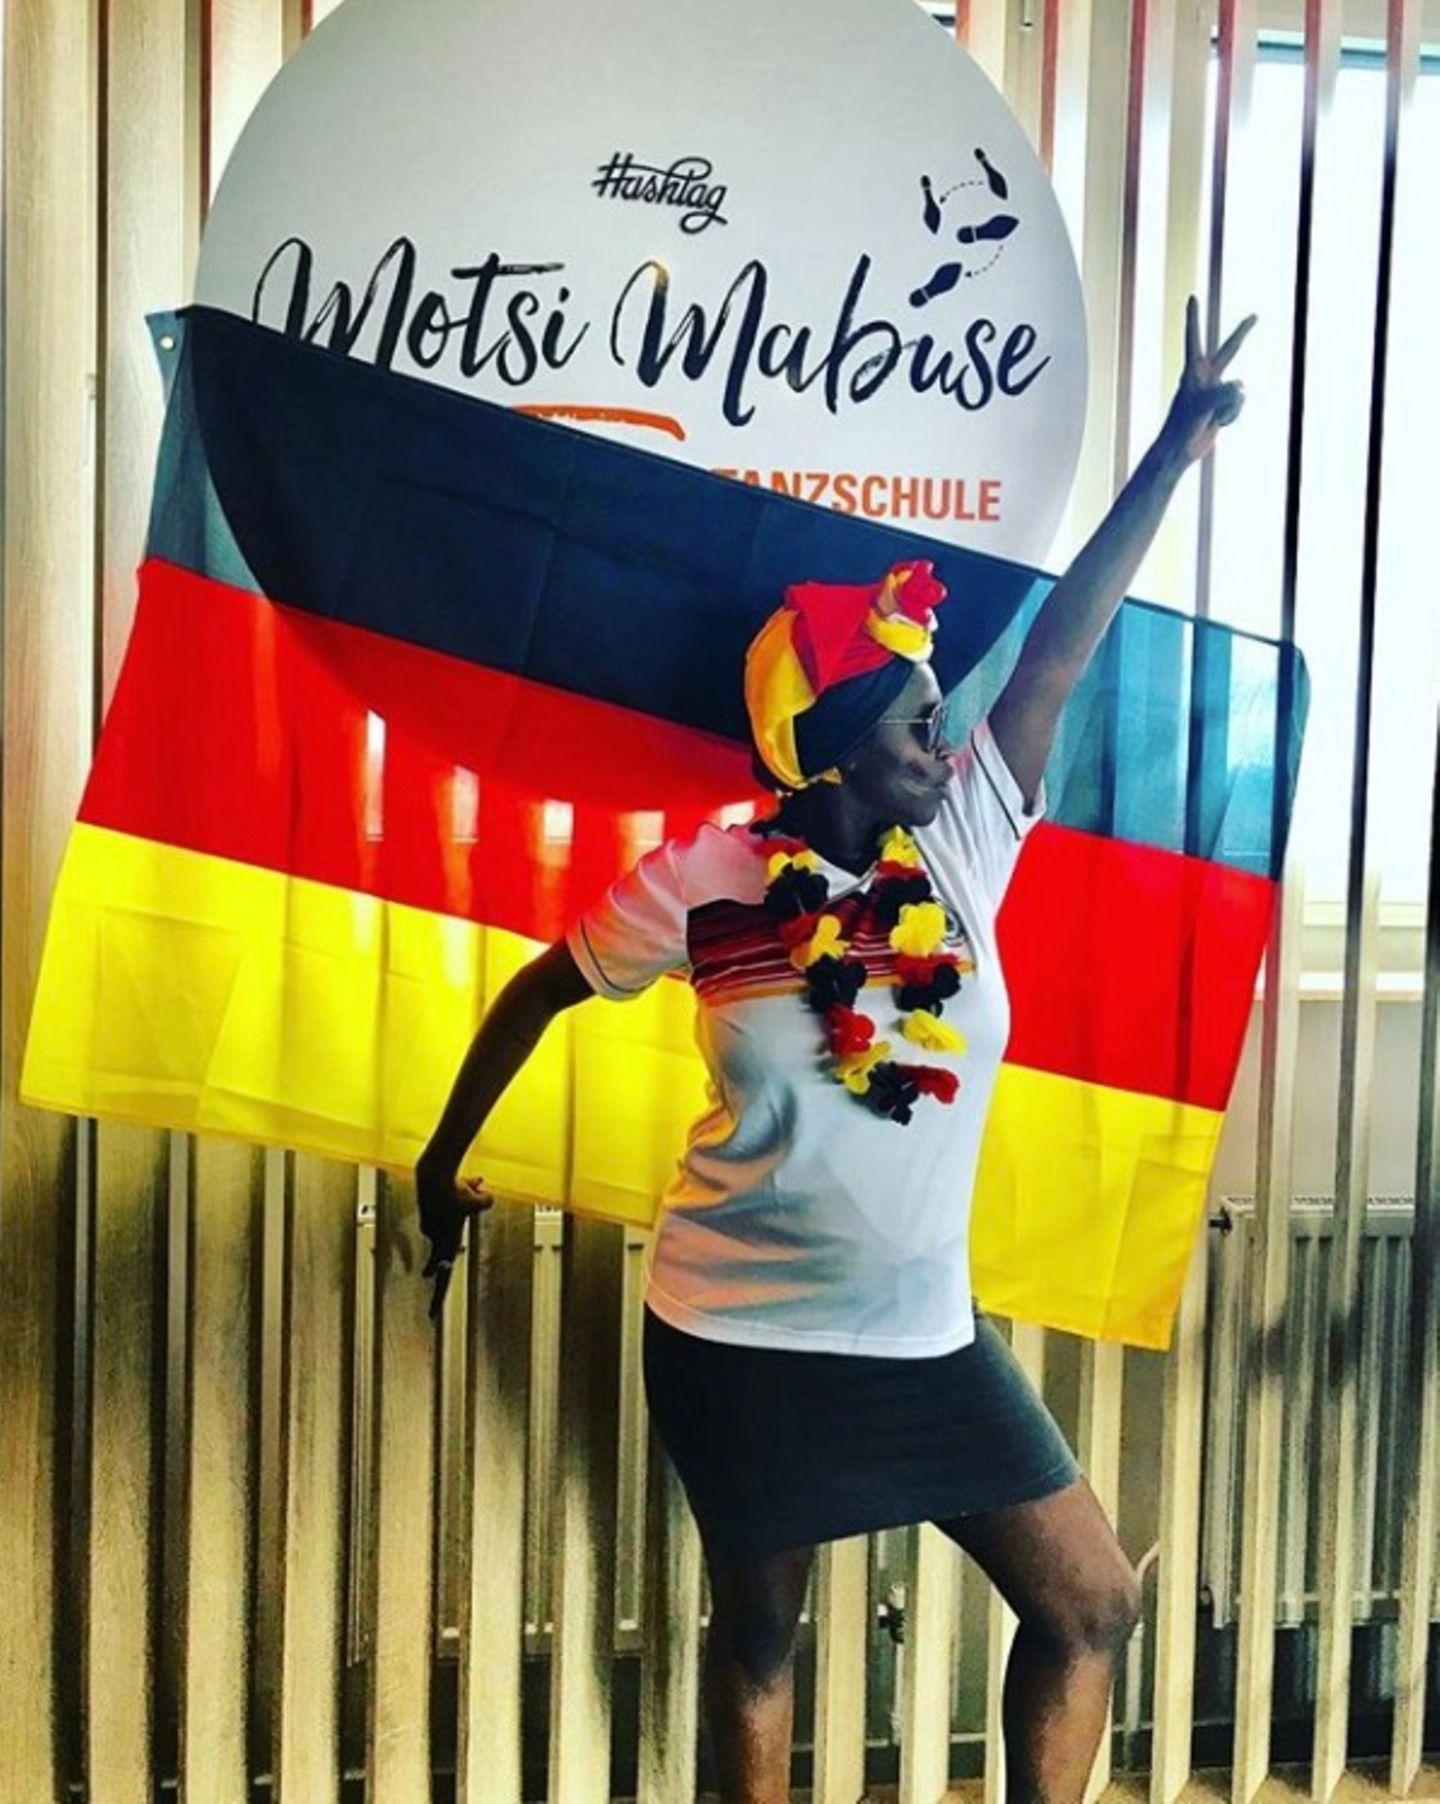 Mit vollem Körpereinsatz feuert Motsi Mabusedie deutsche Nationalmannschaft an. Ein Sieg gegen Schweden muss her.